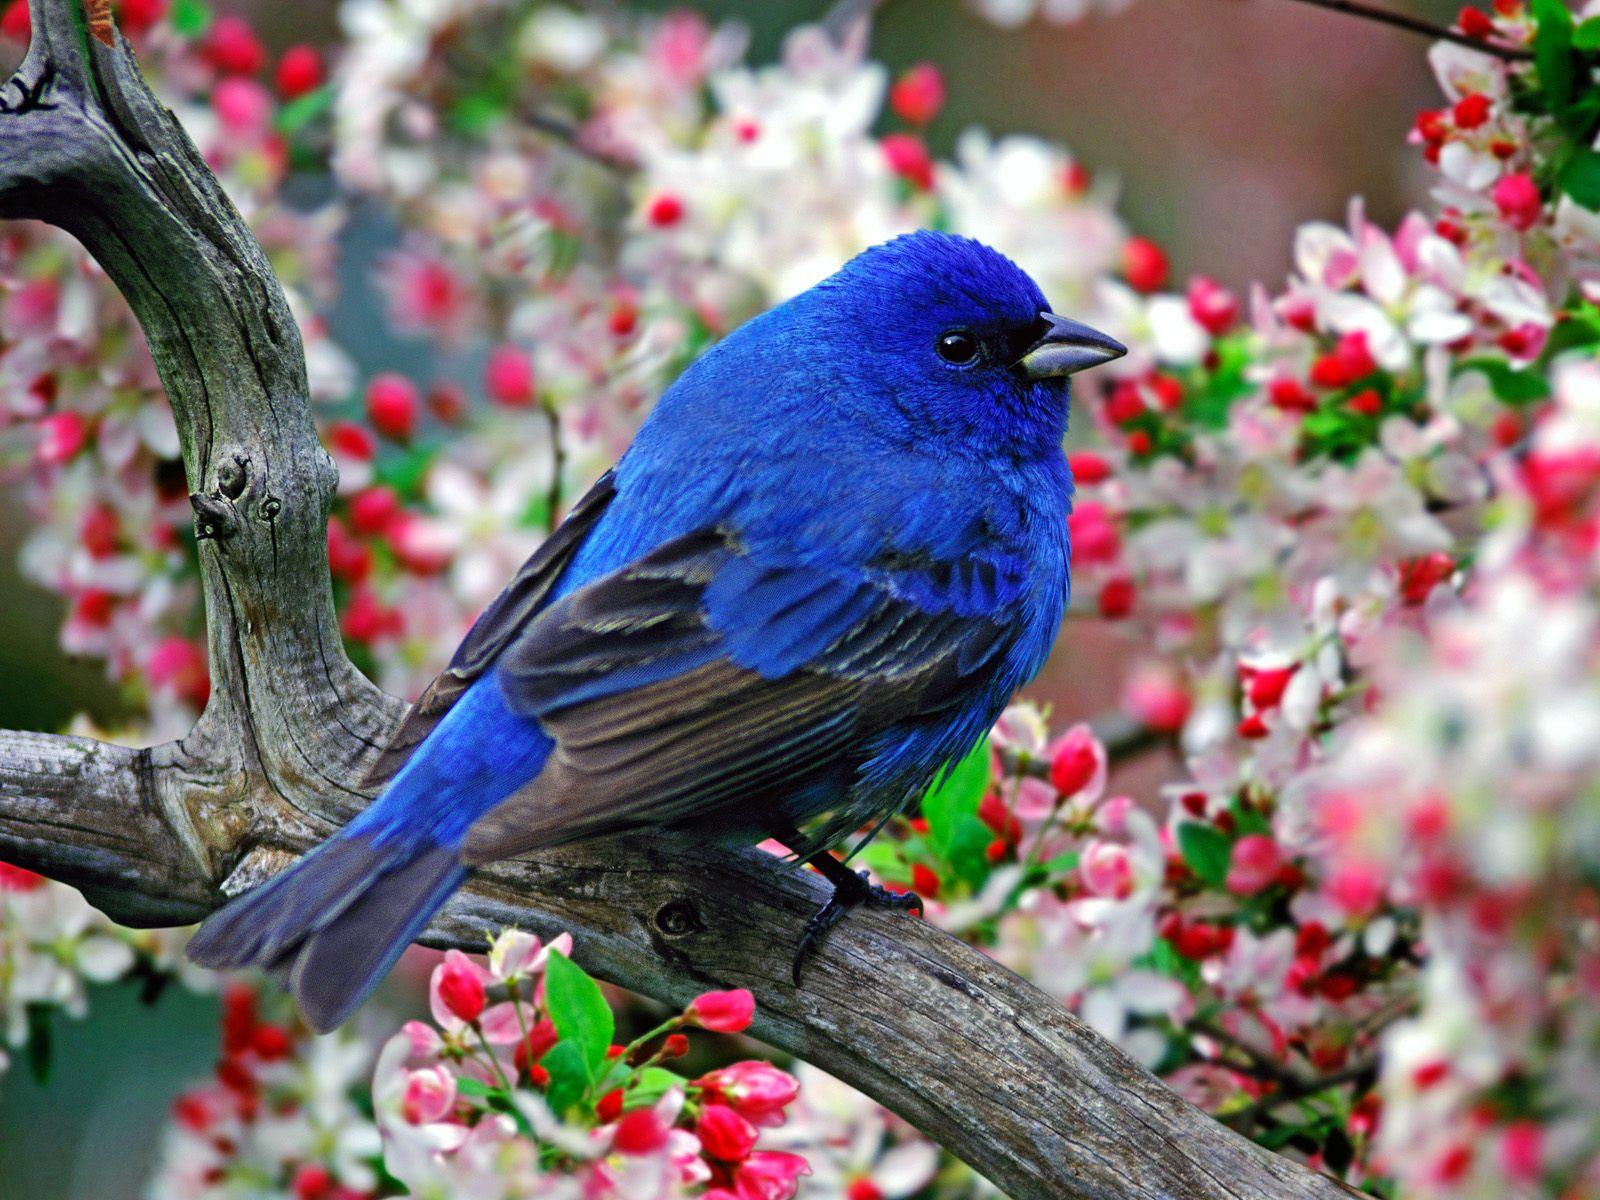 http://2.bp.blogspot.com/-xg90jTU_Ay8/TYOjNjymbBI/AAAAAAAAD7U/YhgQP-7twGA/s1600/blue_bird-9721%255B1%255D.jpg